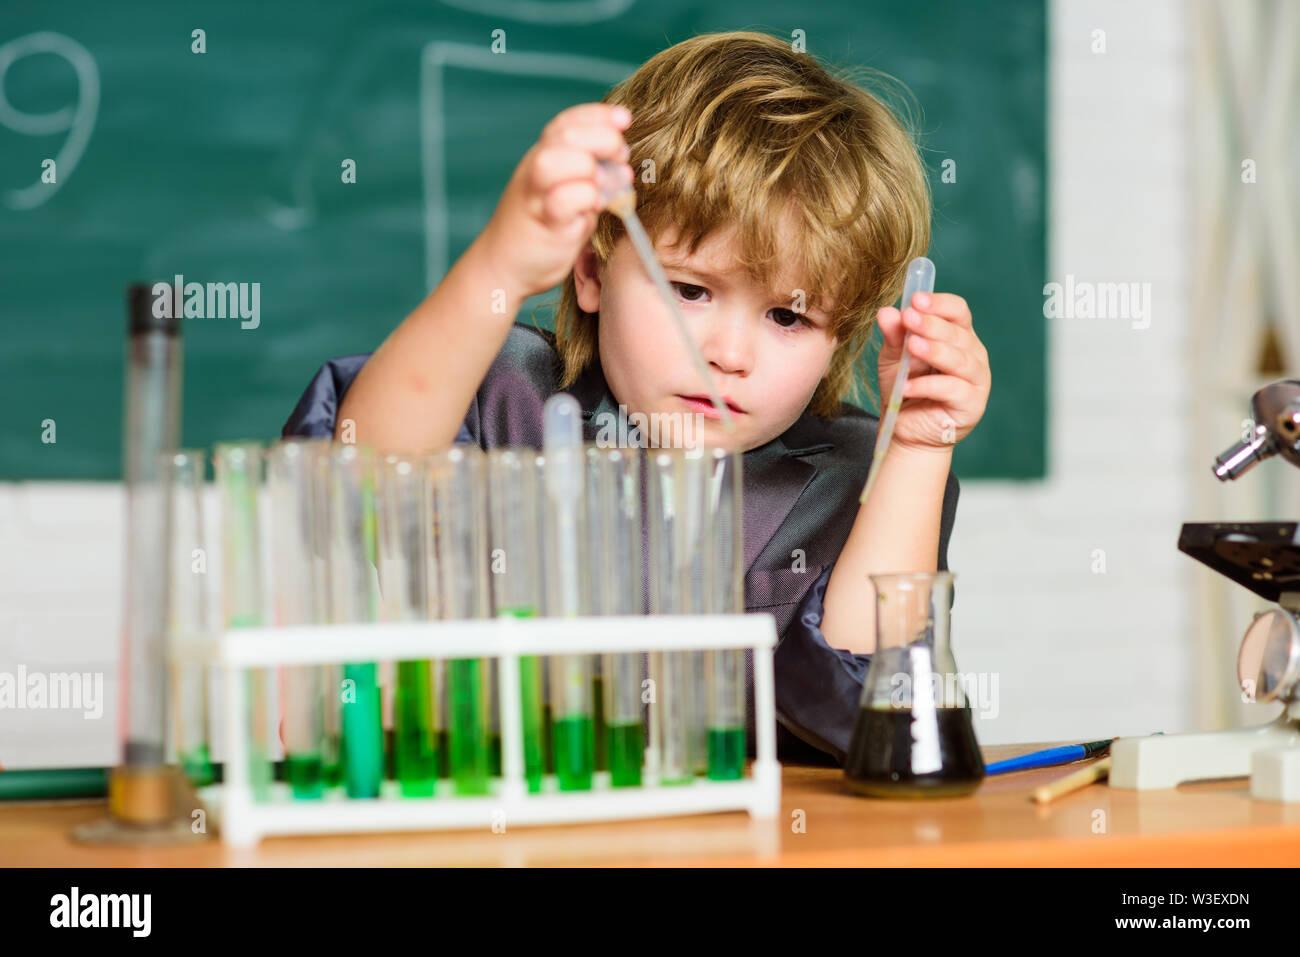 Tubes à essai garçon liquides colorés classe de l'école de chimie. Kid étudier la chimie. Biotechnologies et pharmacie. Élève de Genius. L'analyse chimique. Concept de la science. Wunderkind expérimenter avec la chimie. Photo Stock